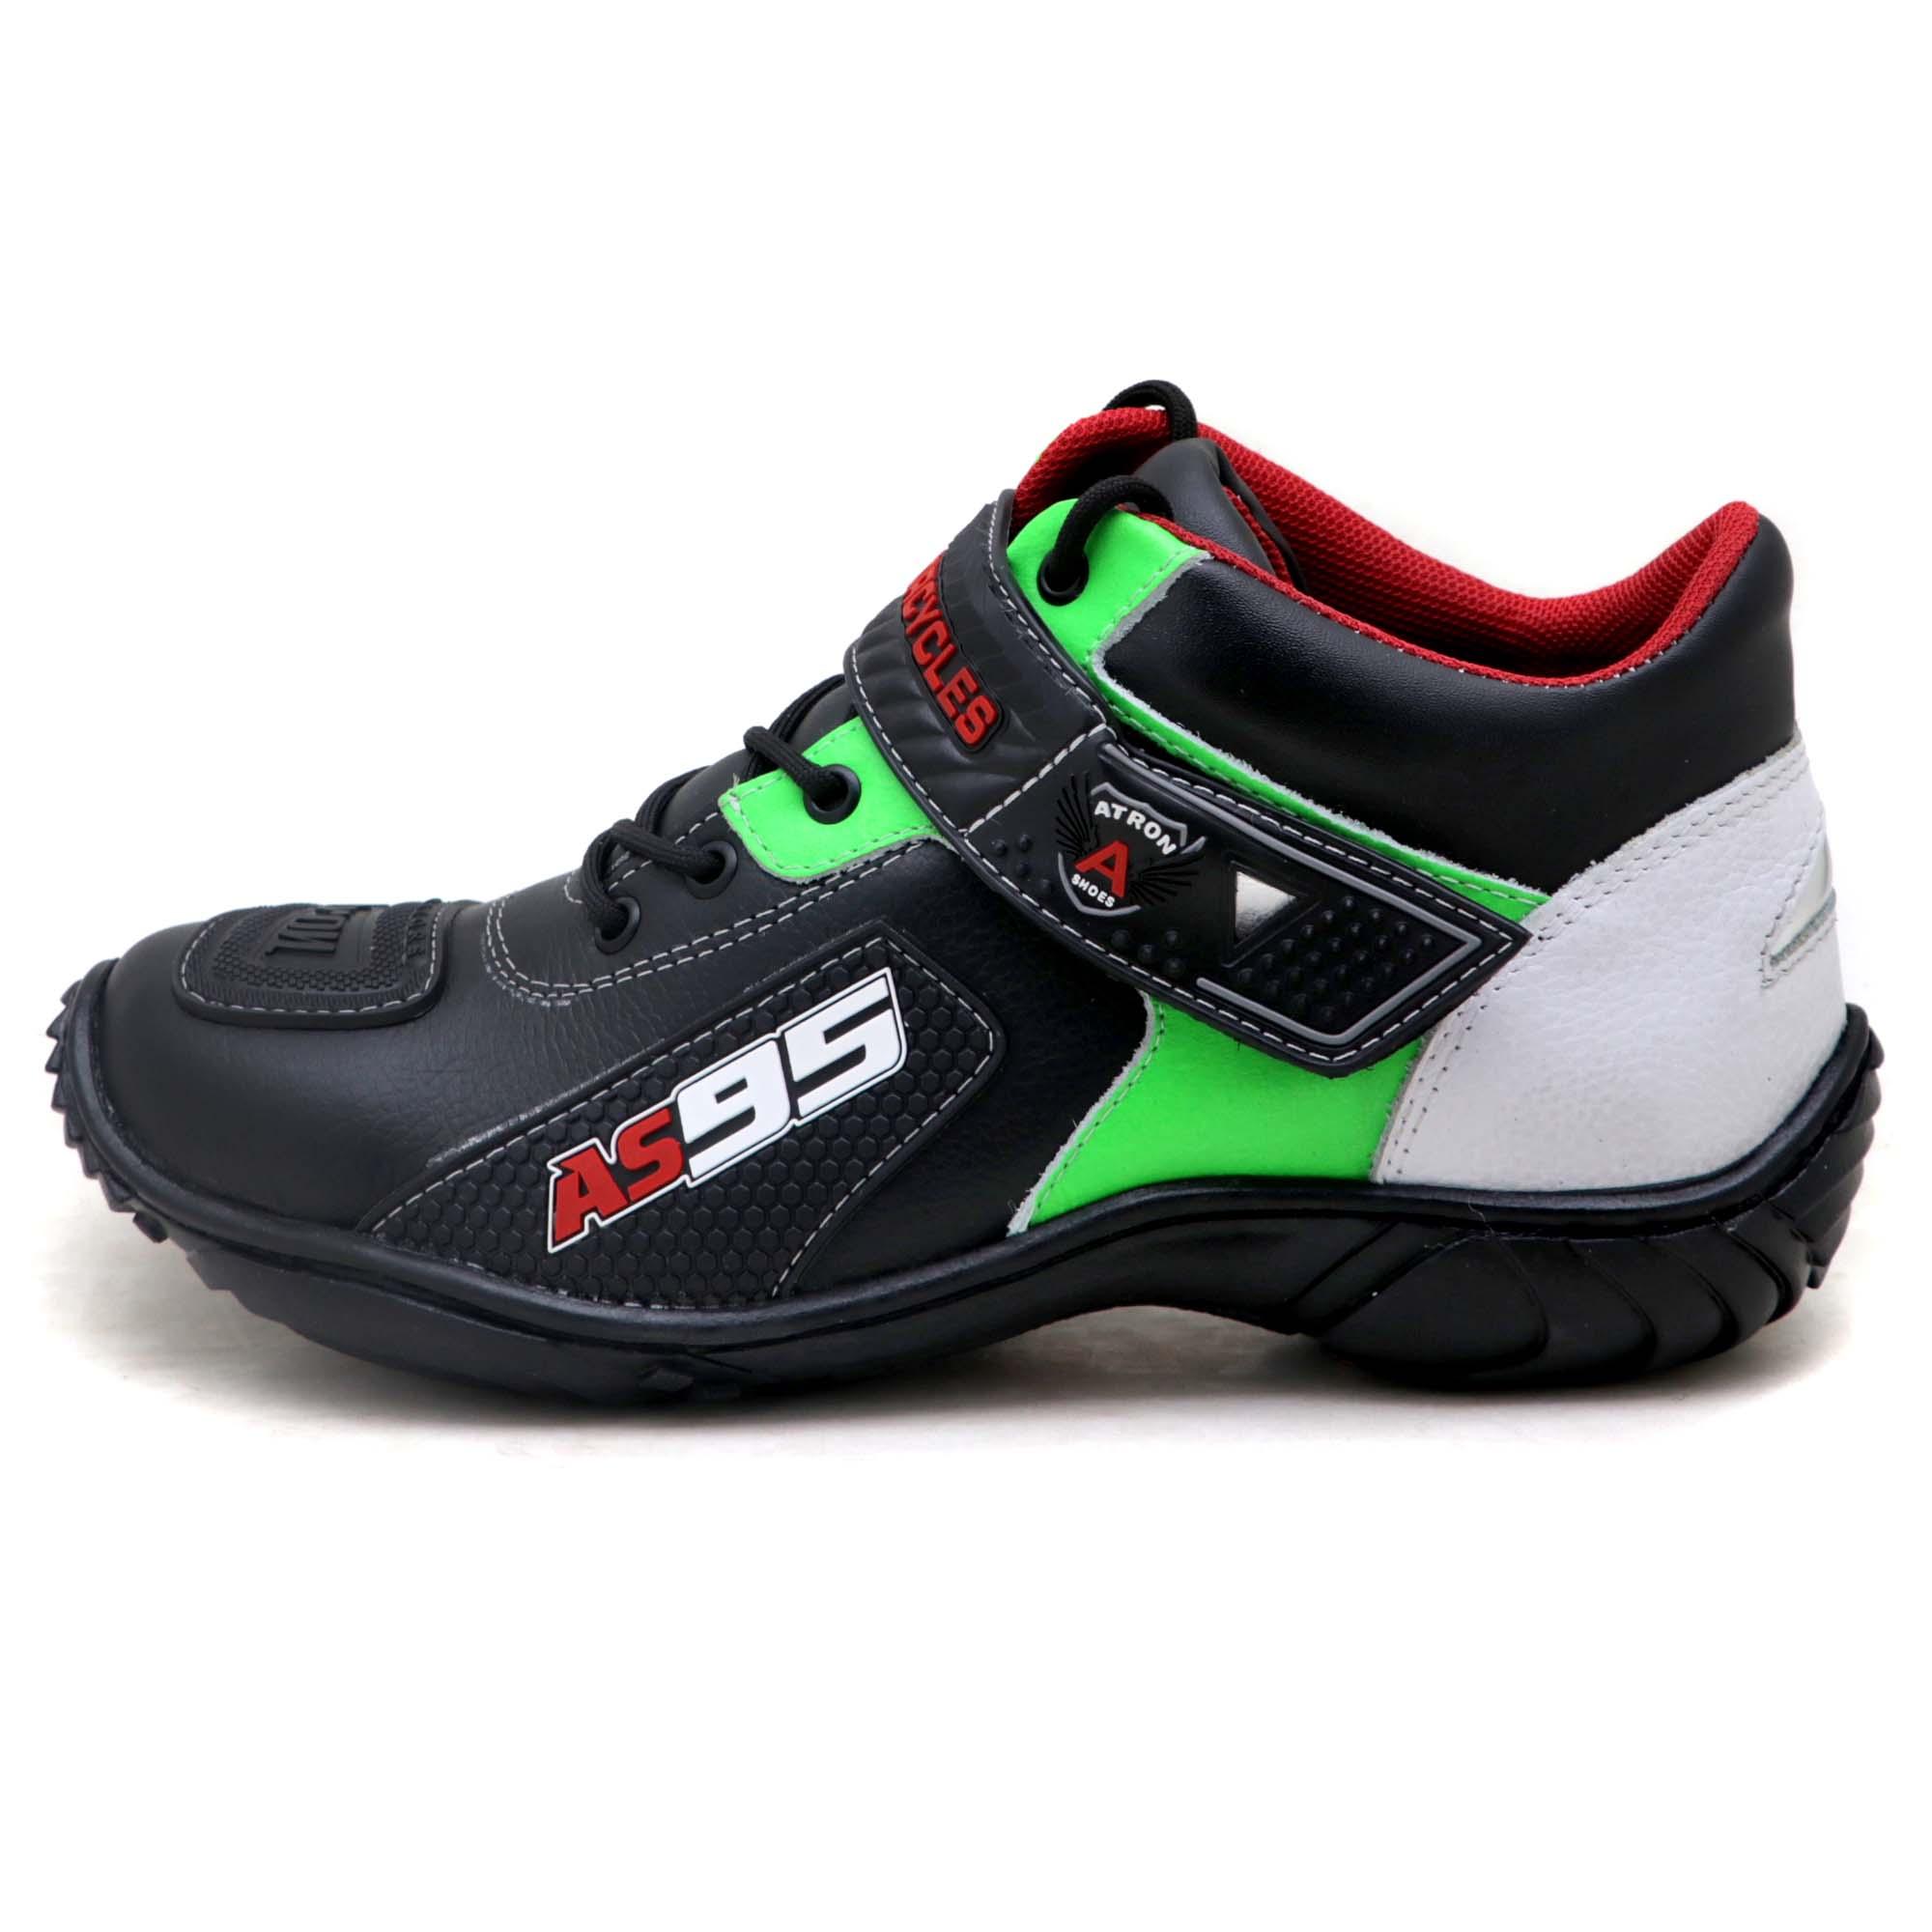 Tênis motociclista em couro legítimo AS95 nas cores preto branco e verde 403